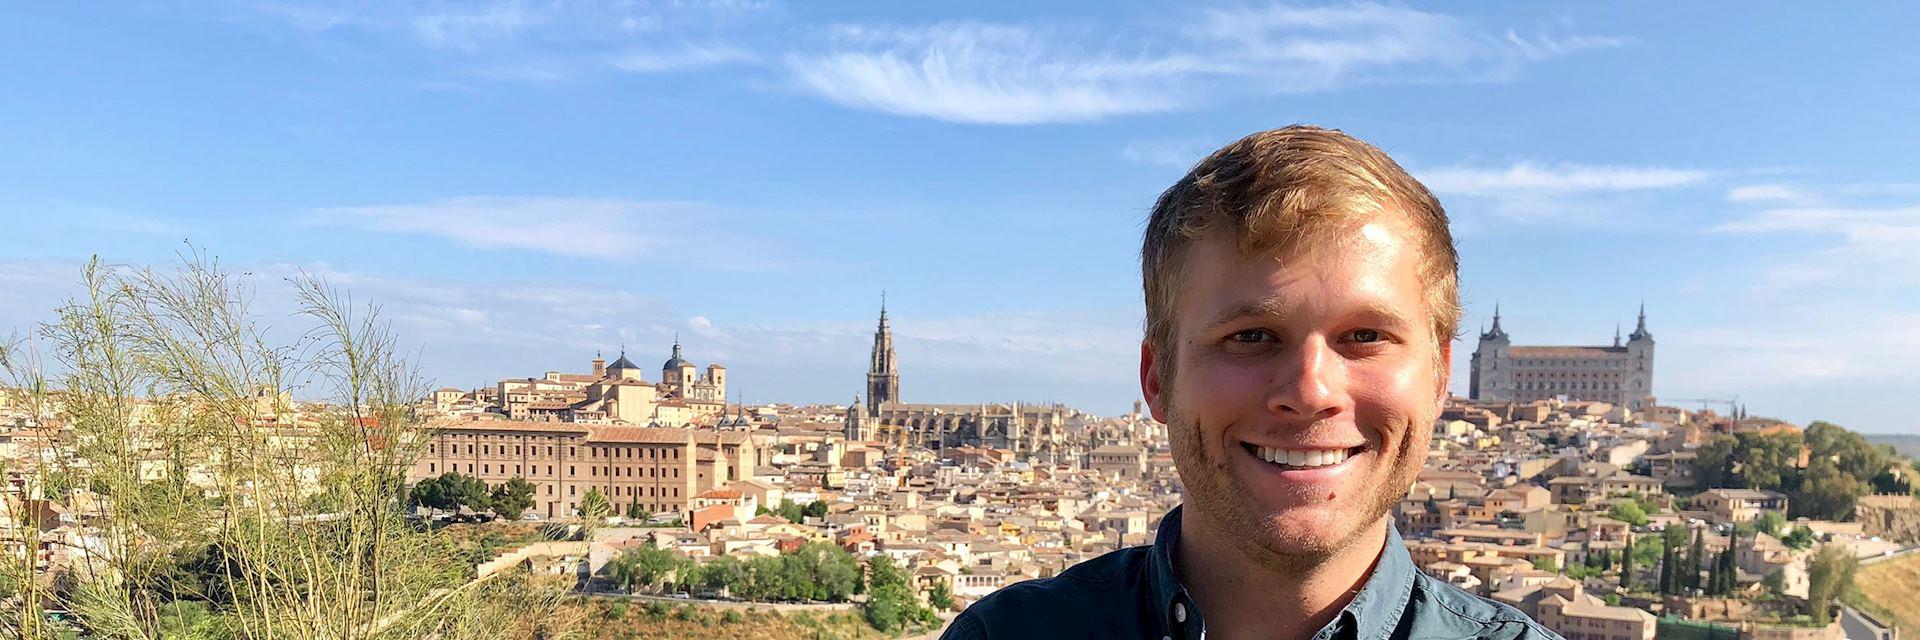 Allan in Toledo, Spain